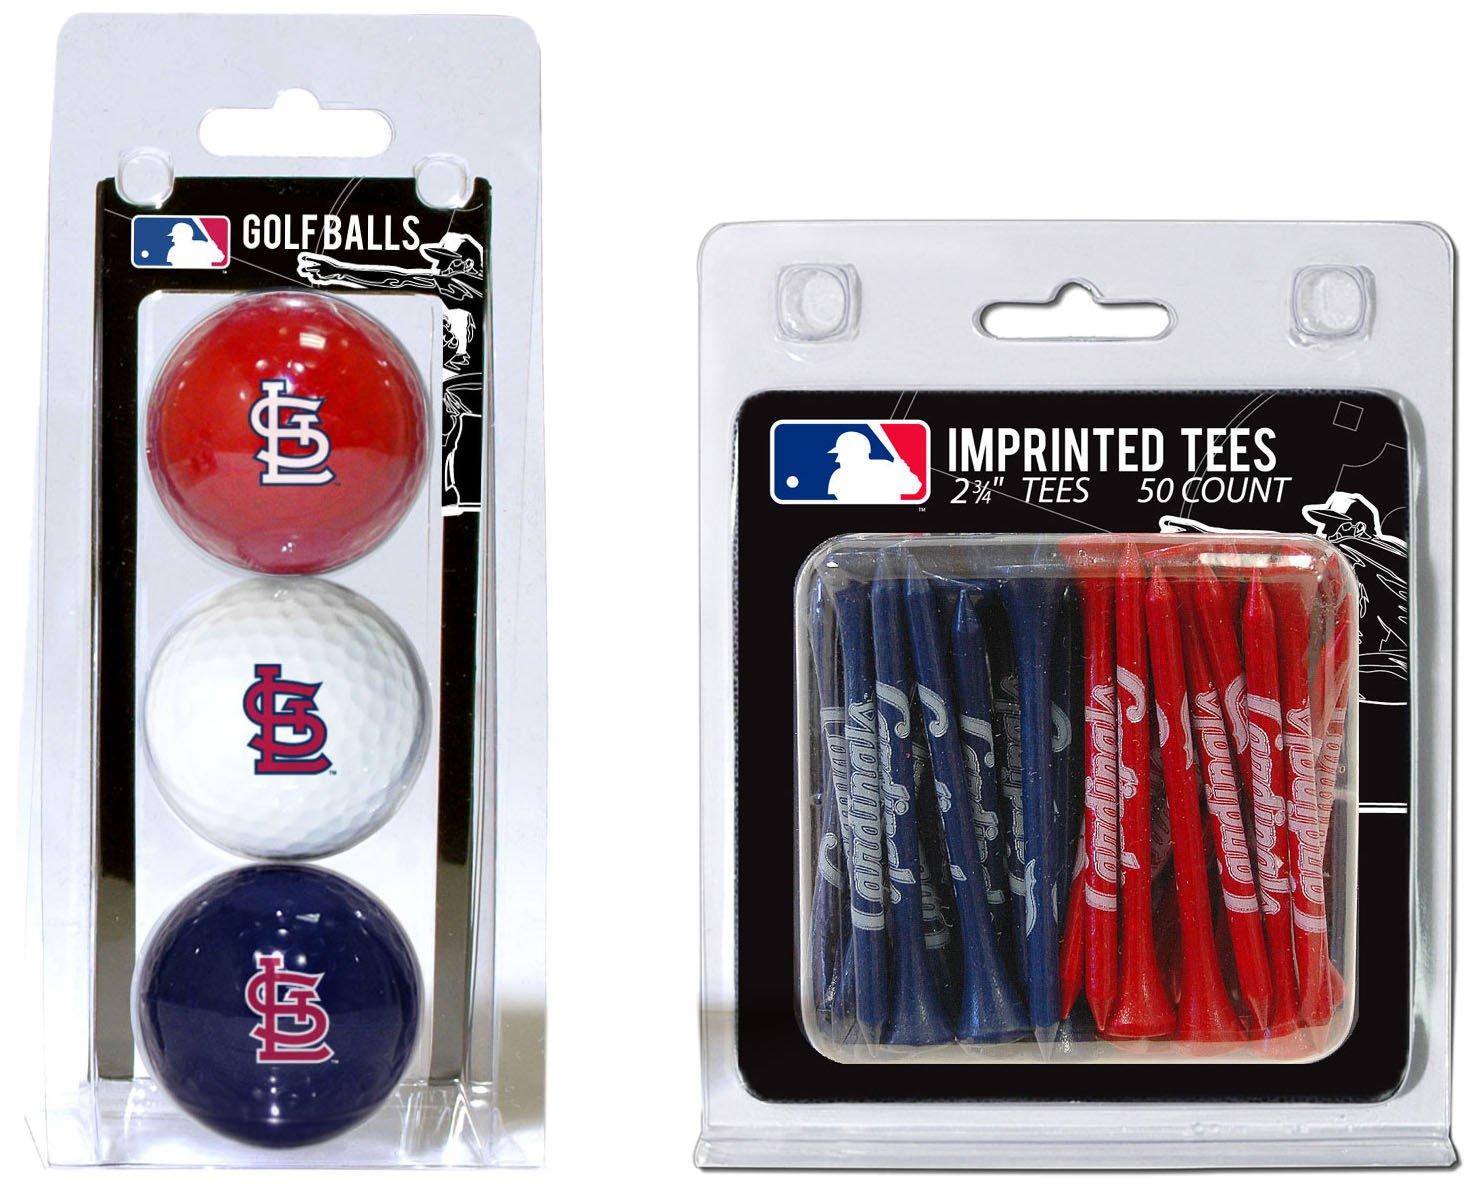 【お買得!】 Team Golf 97599 MLB - St Louis Cardinals 97599 - Tee 3 Ball-50 Tee B008NU3JRA, 次世代ショップまたまた:a37446a7 --- a0267596.xsph.ru